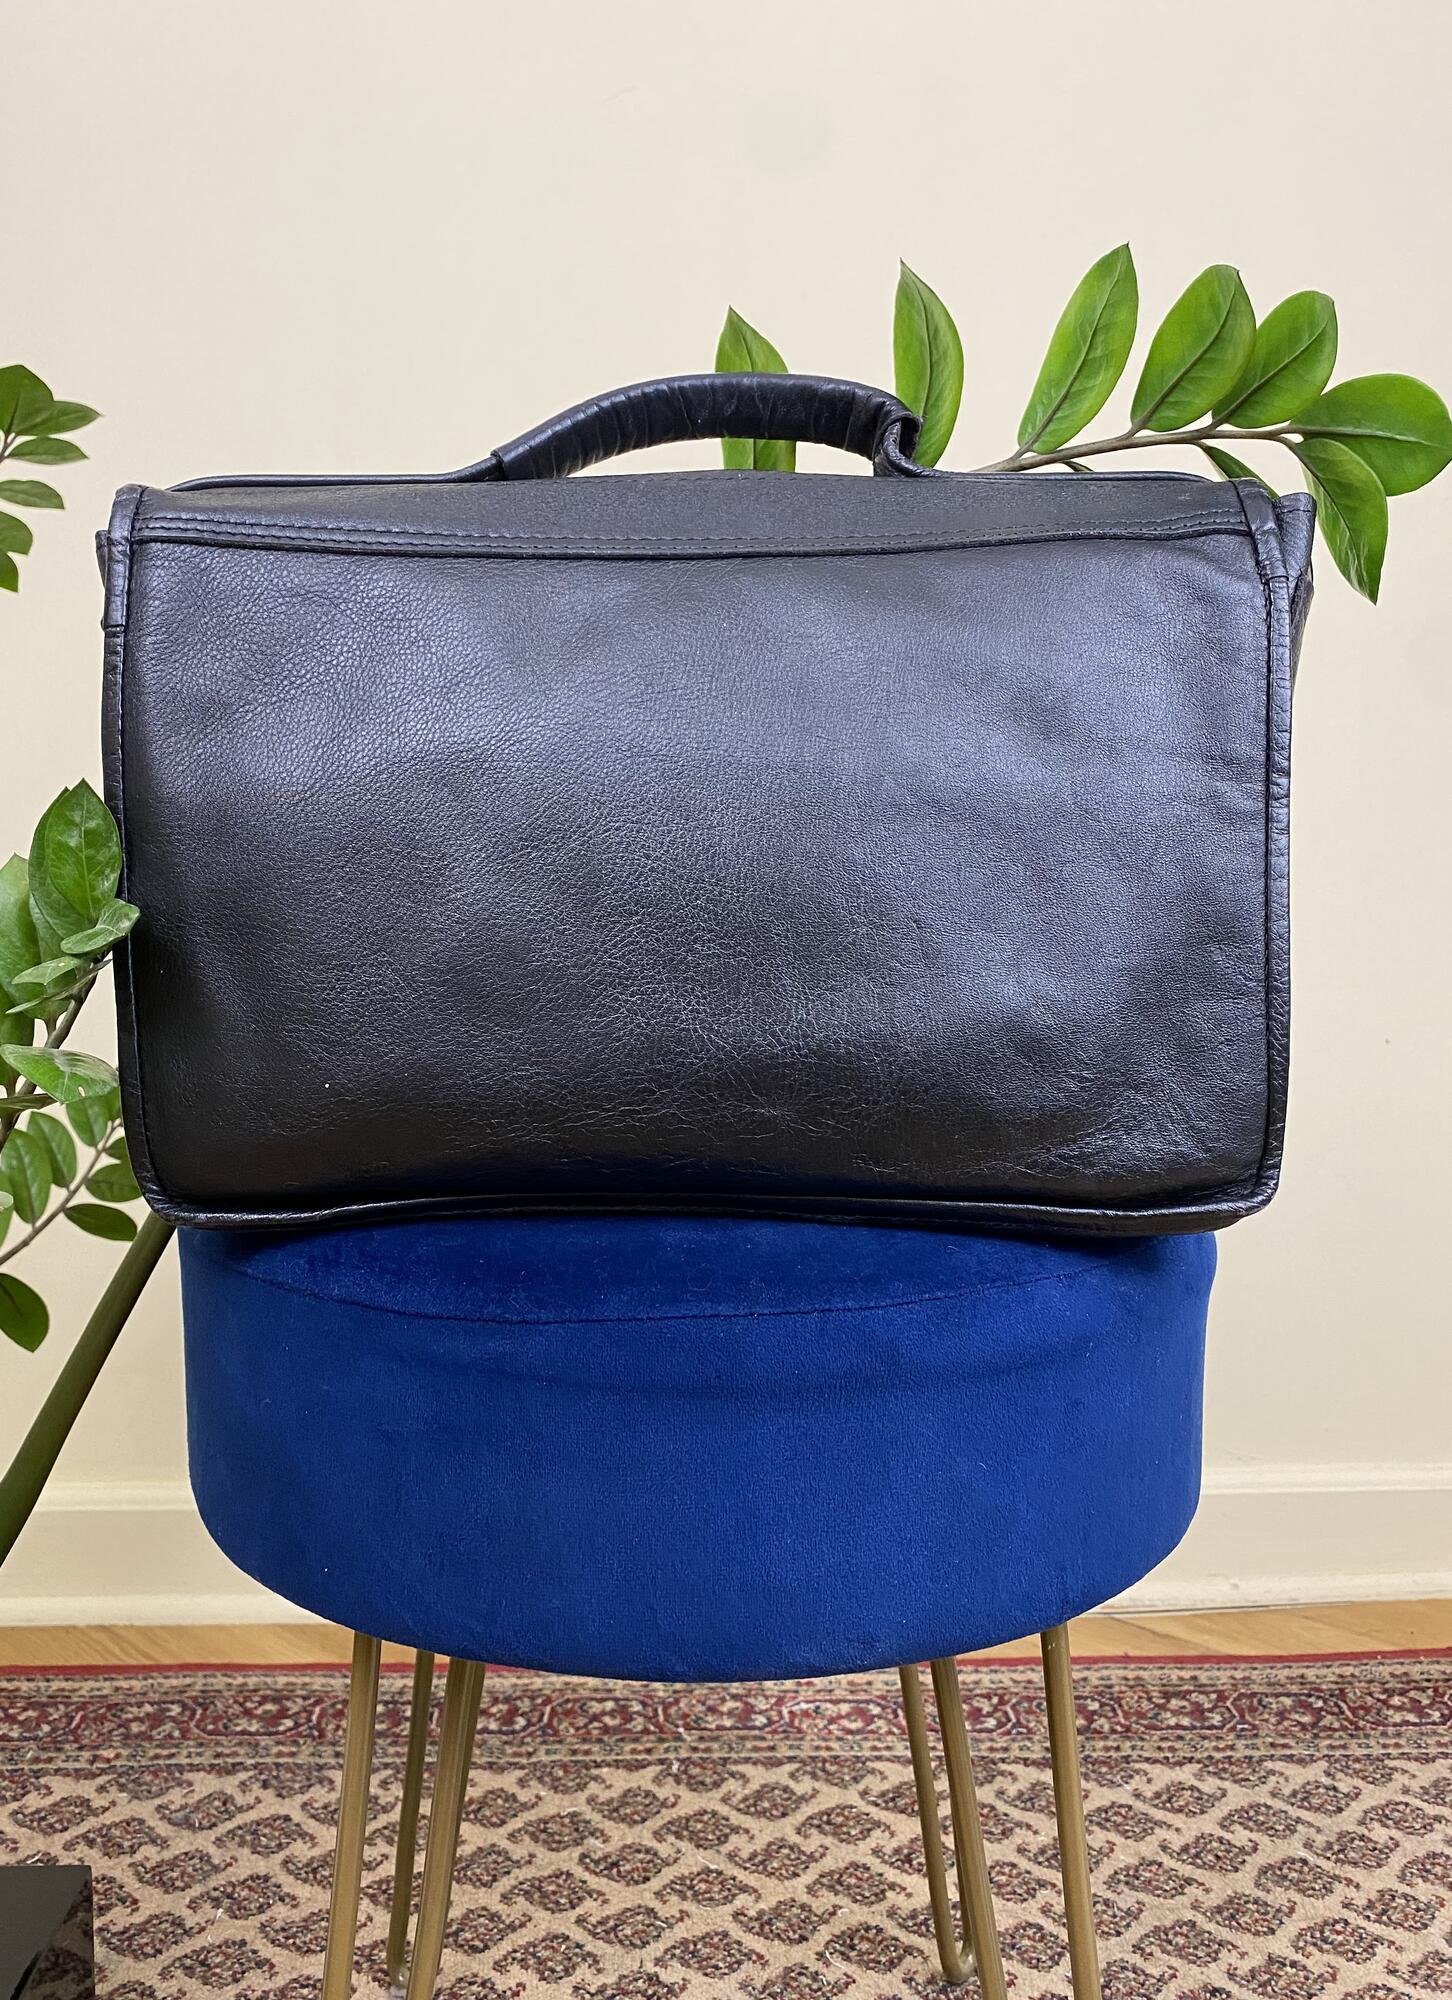 Czarna torba/teczka skórzana - Vintage Store | JestemSlow.pl